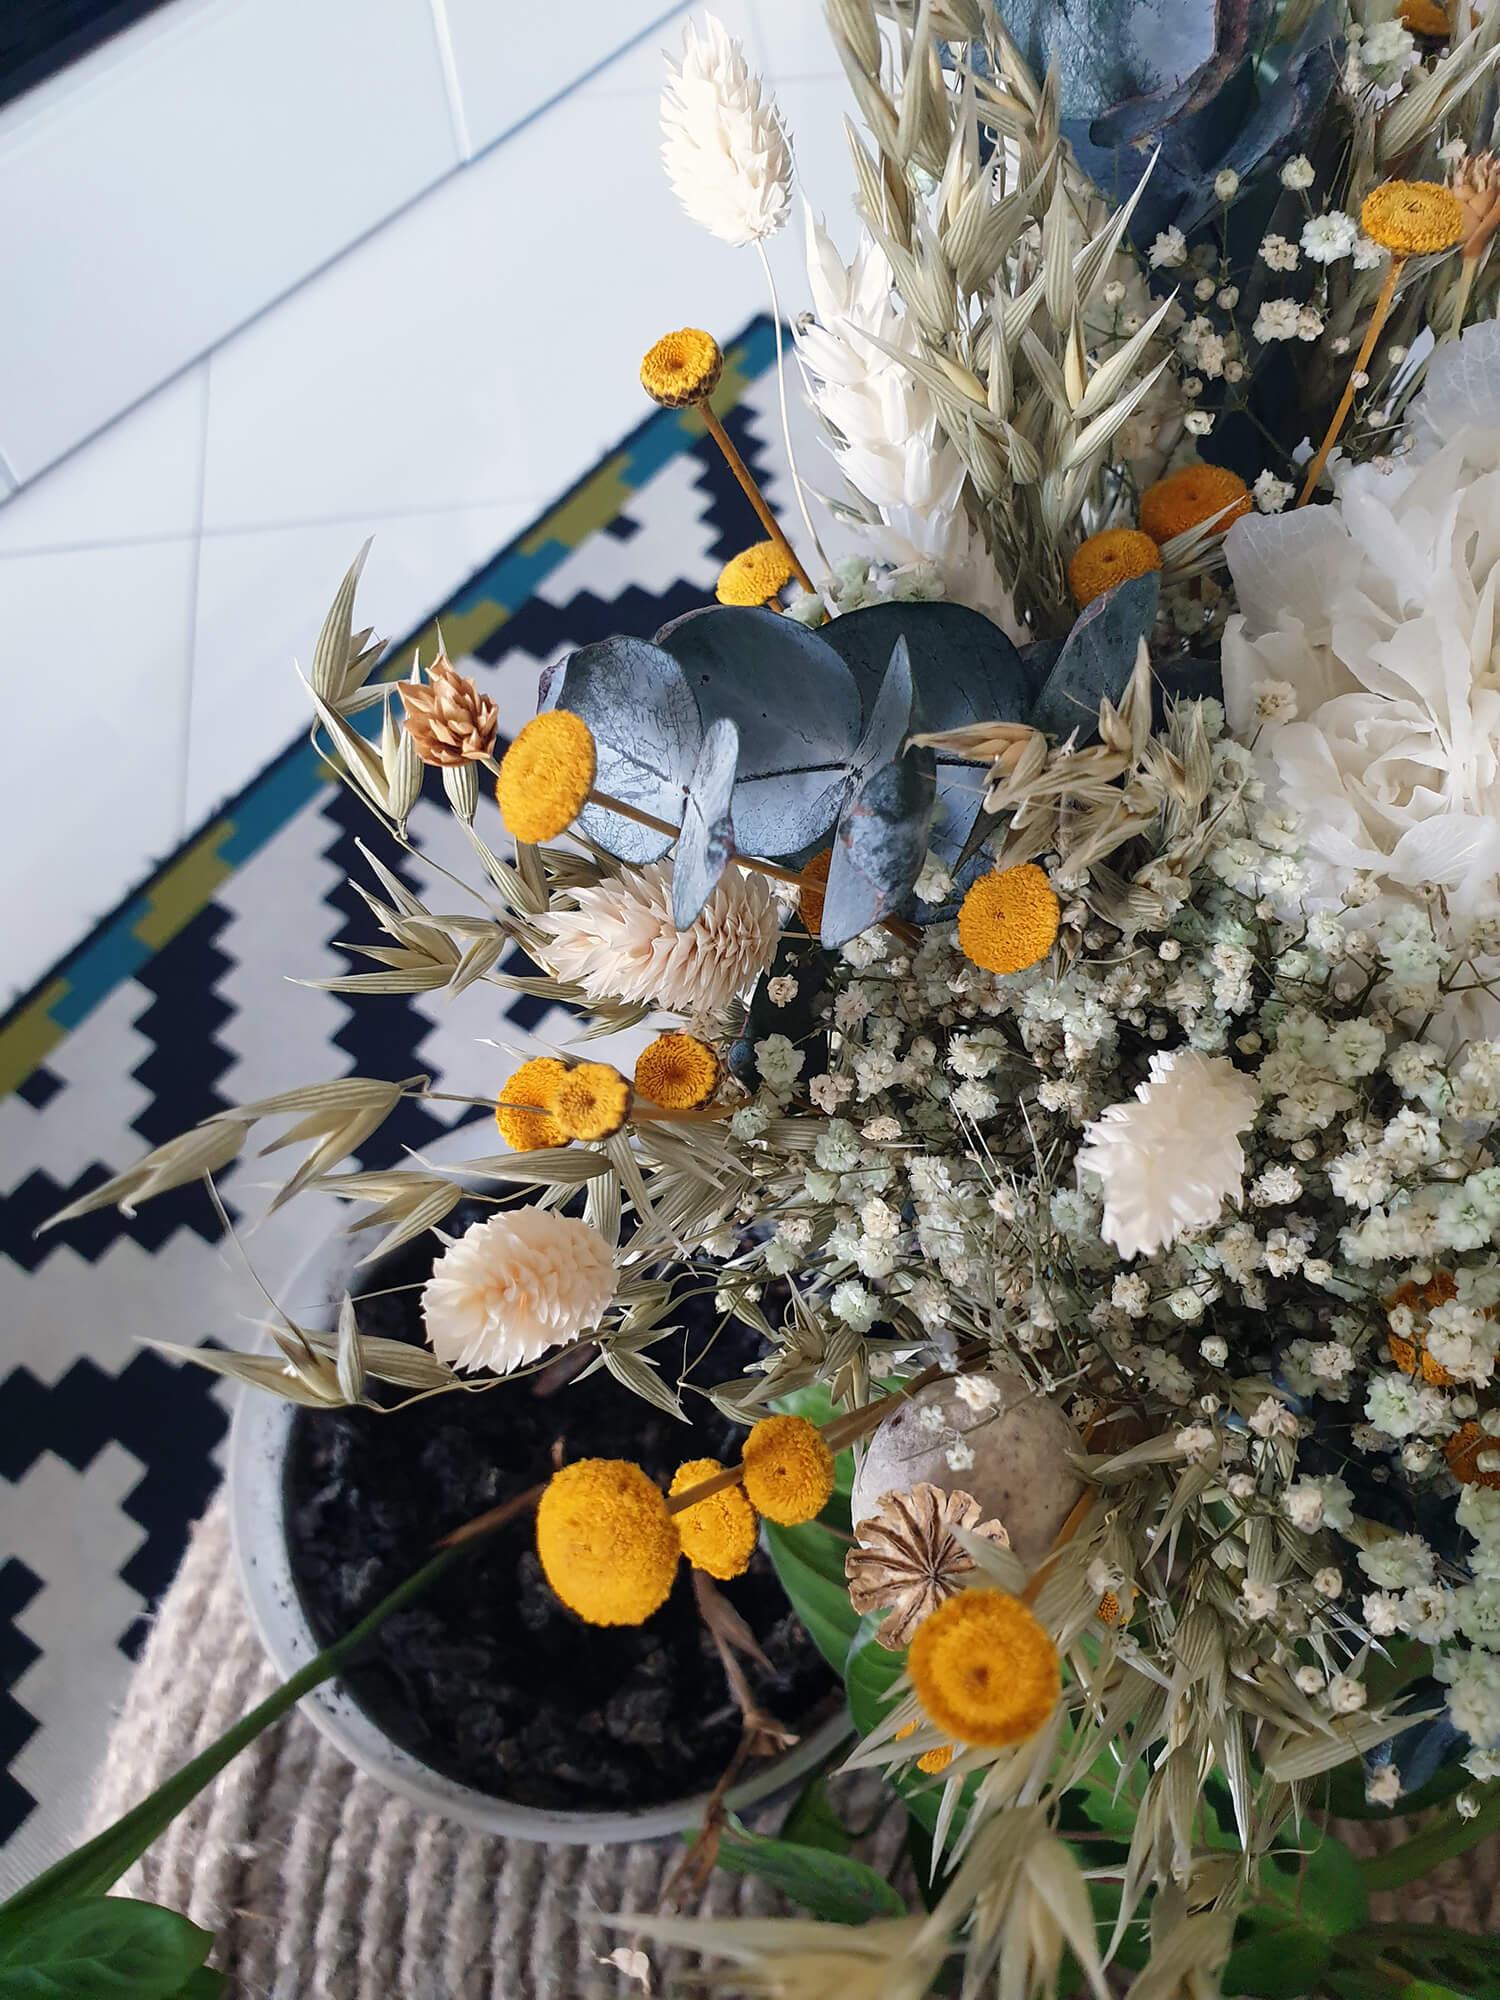 20201012 131549 - Laisser les fleurs séchées envahir la décoration